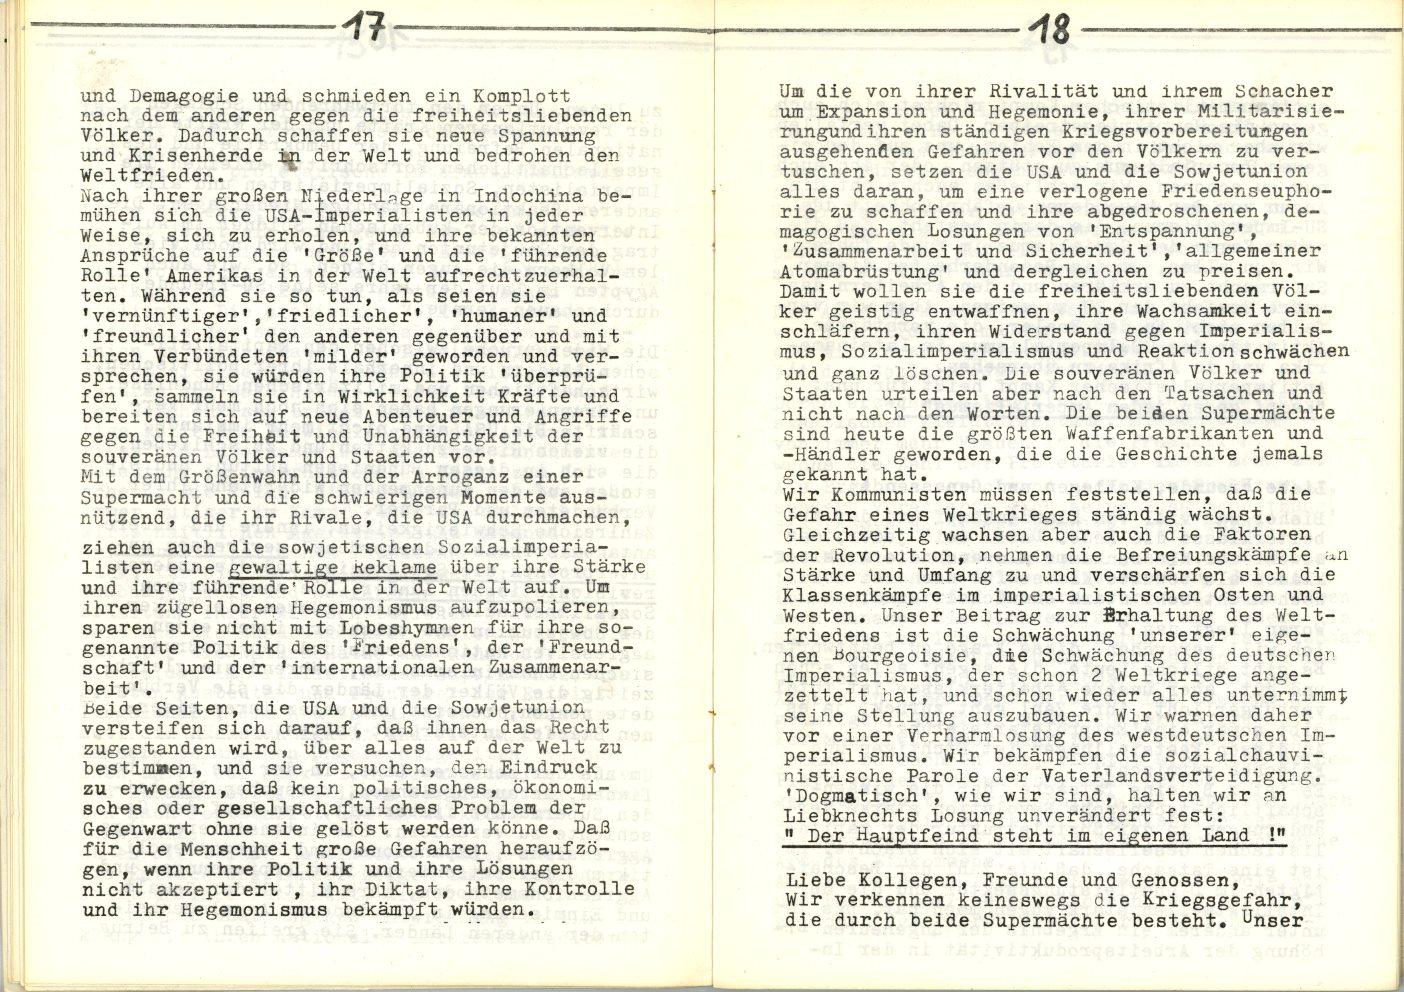 Frankfurt_KABD_zum_Ersten_Mai_1976_10